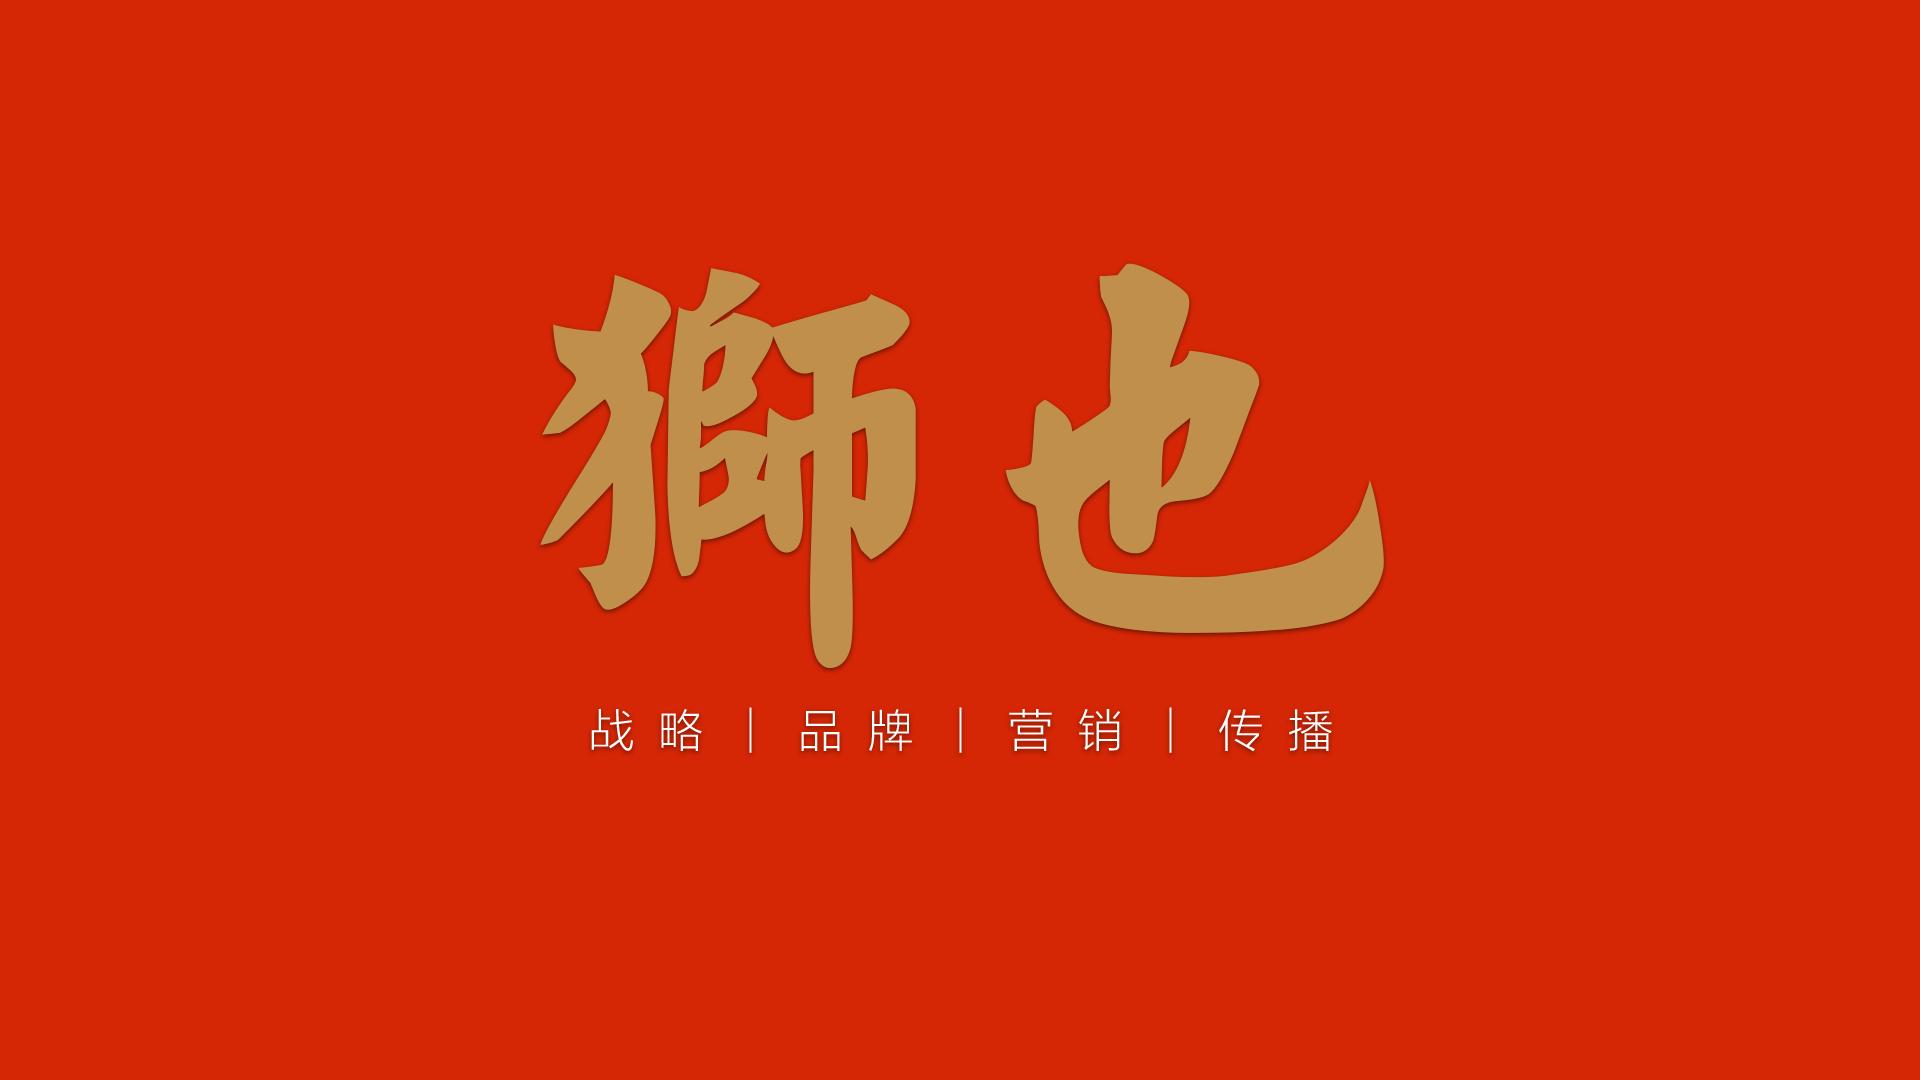 上海营销策划公司—顺丰快递中考喜忧参半:执着扩网 股东减持